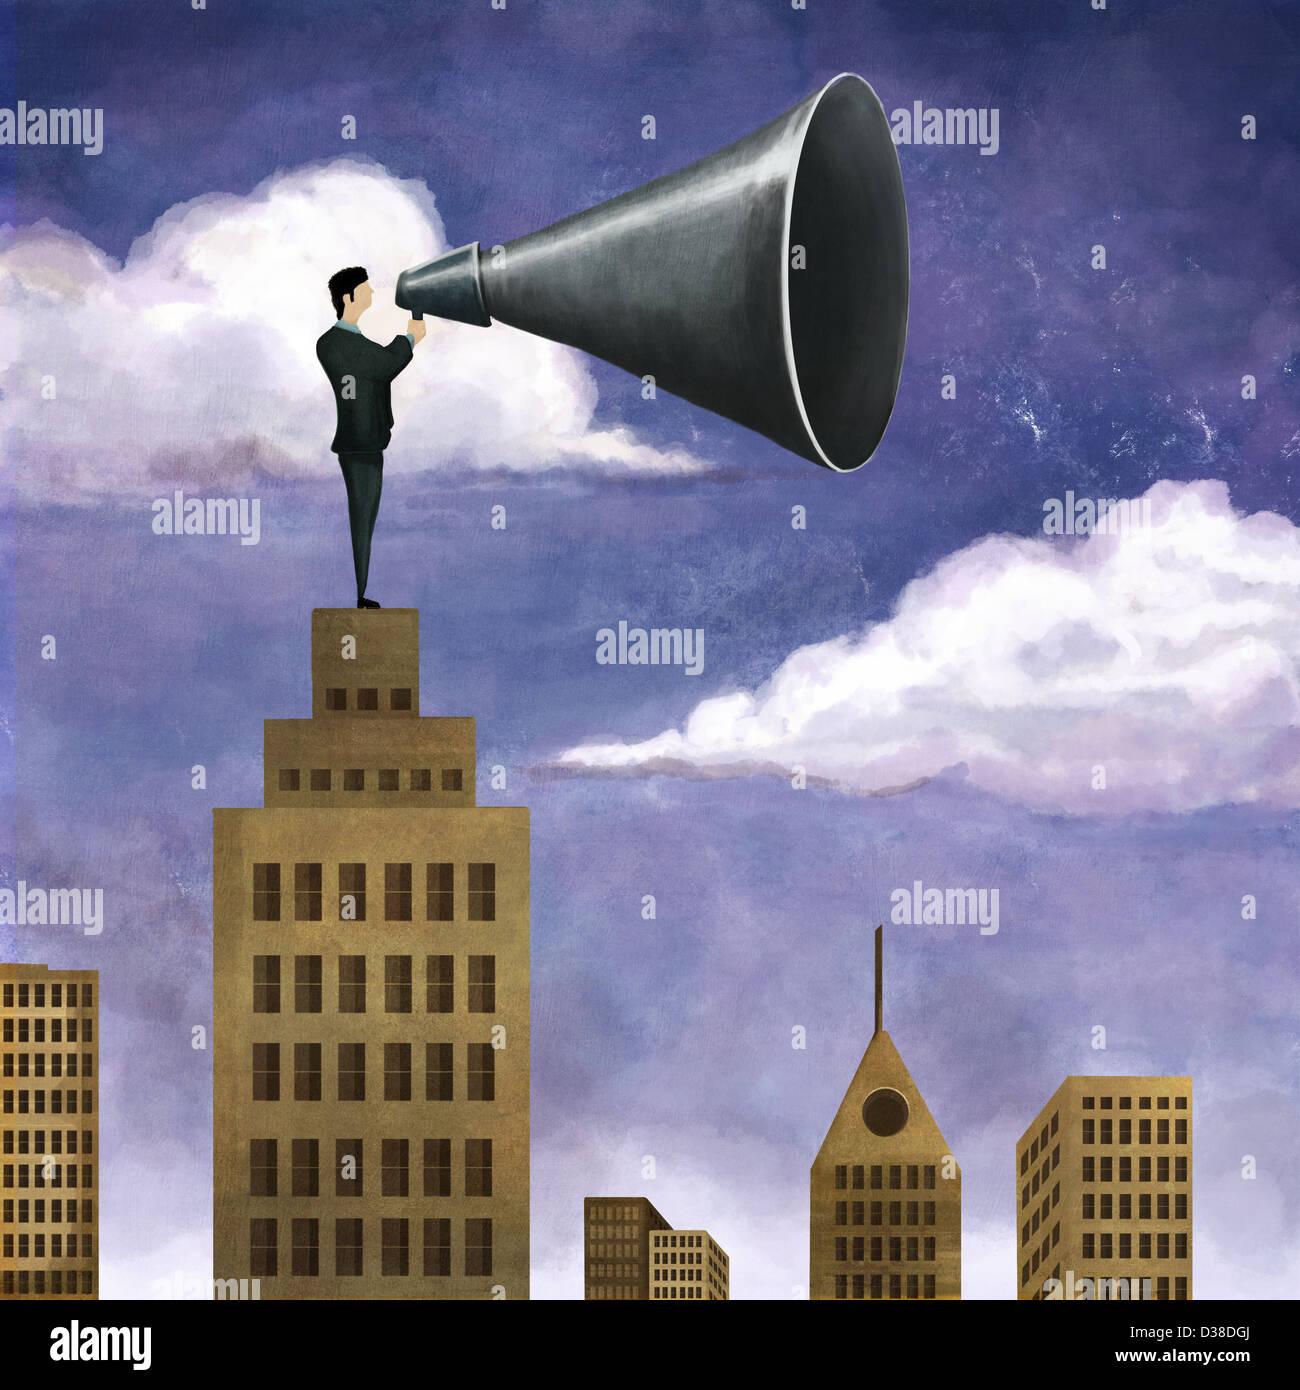 Imagen ilustrativa del empresario en la cima del edificio celebración mega teléfono representando el liderazgo Imagen De Stock